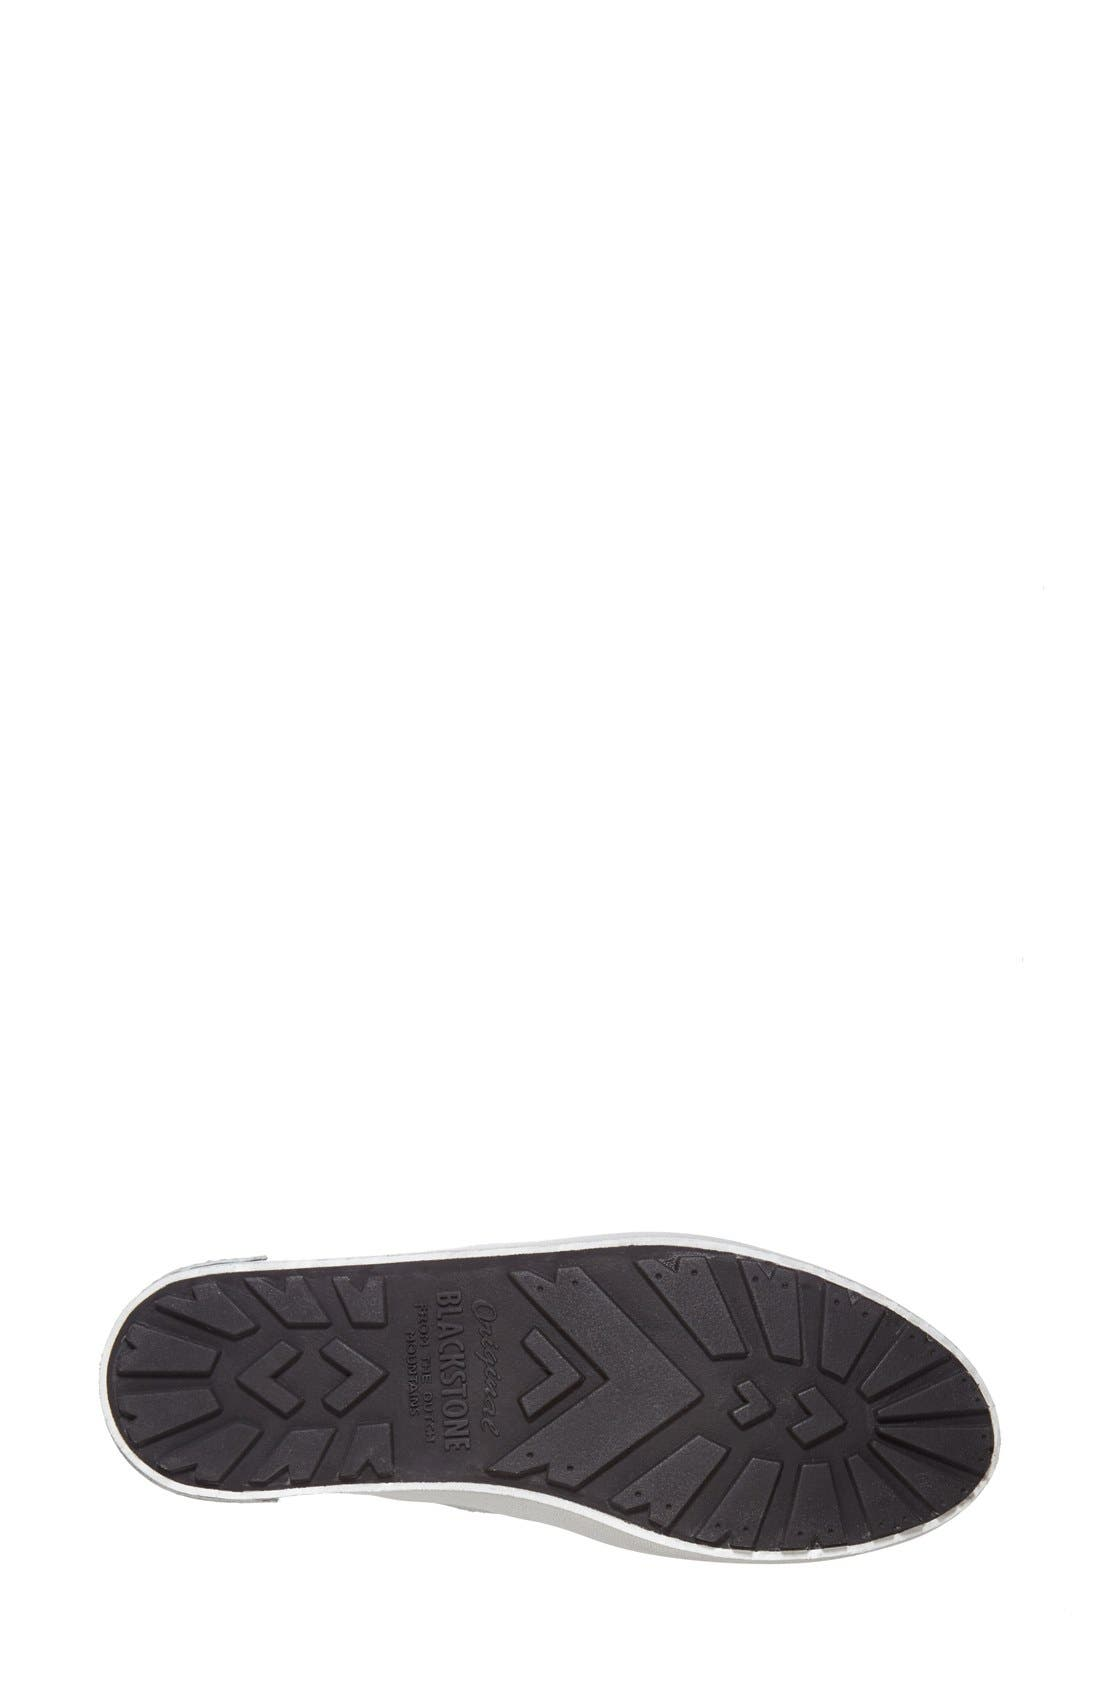 'JL23' Slip-On Sneaker,                             Alternate thumbnail 12, color,